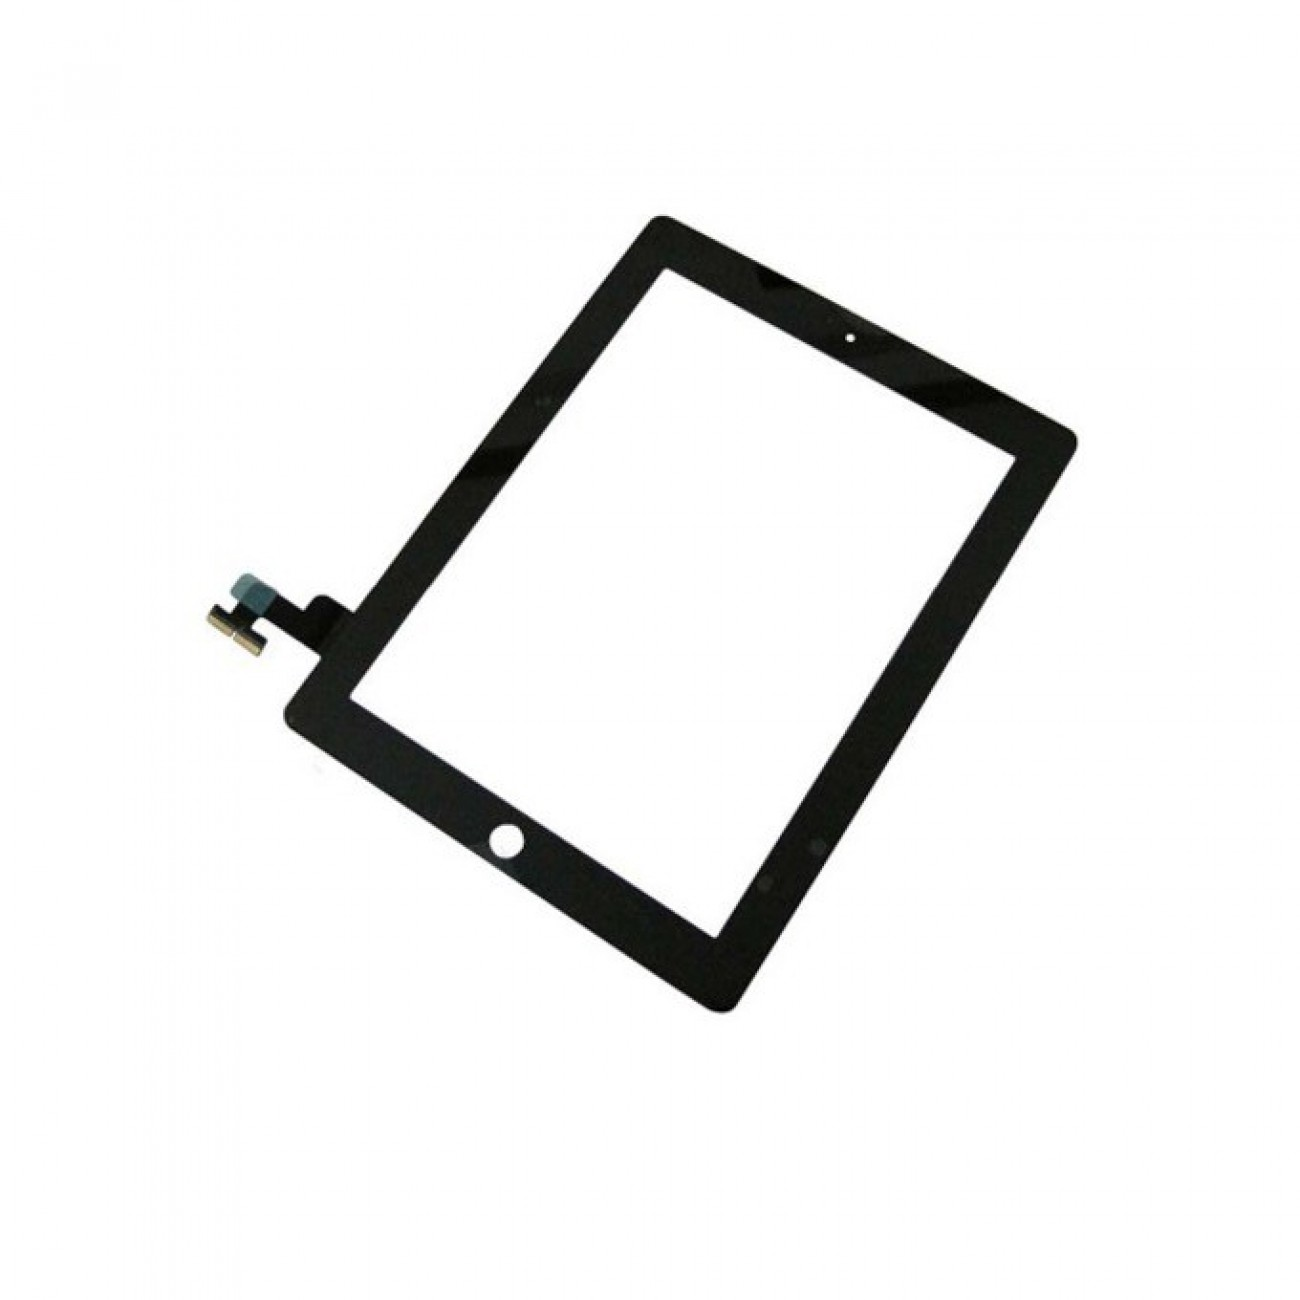 Тъч модул iPad 2 touch, черен в Резервни части -  | Alleop